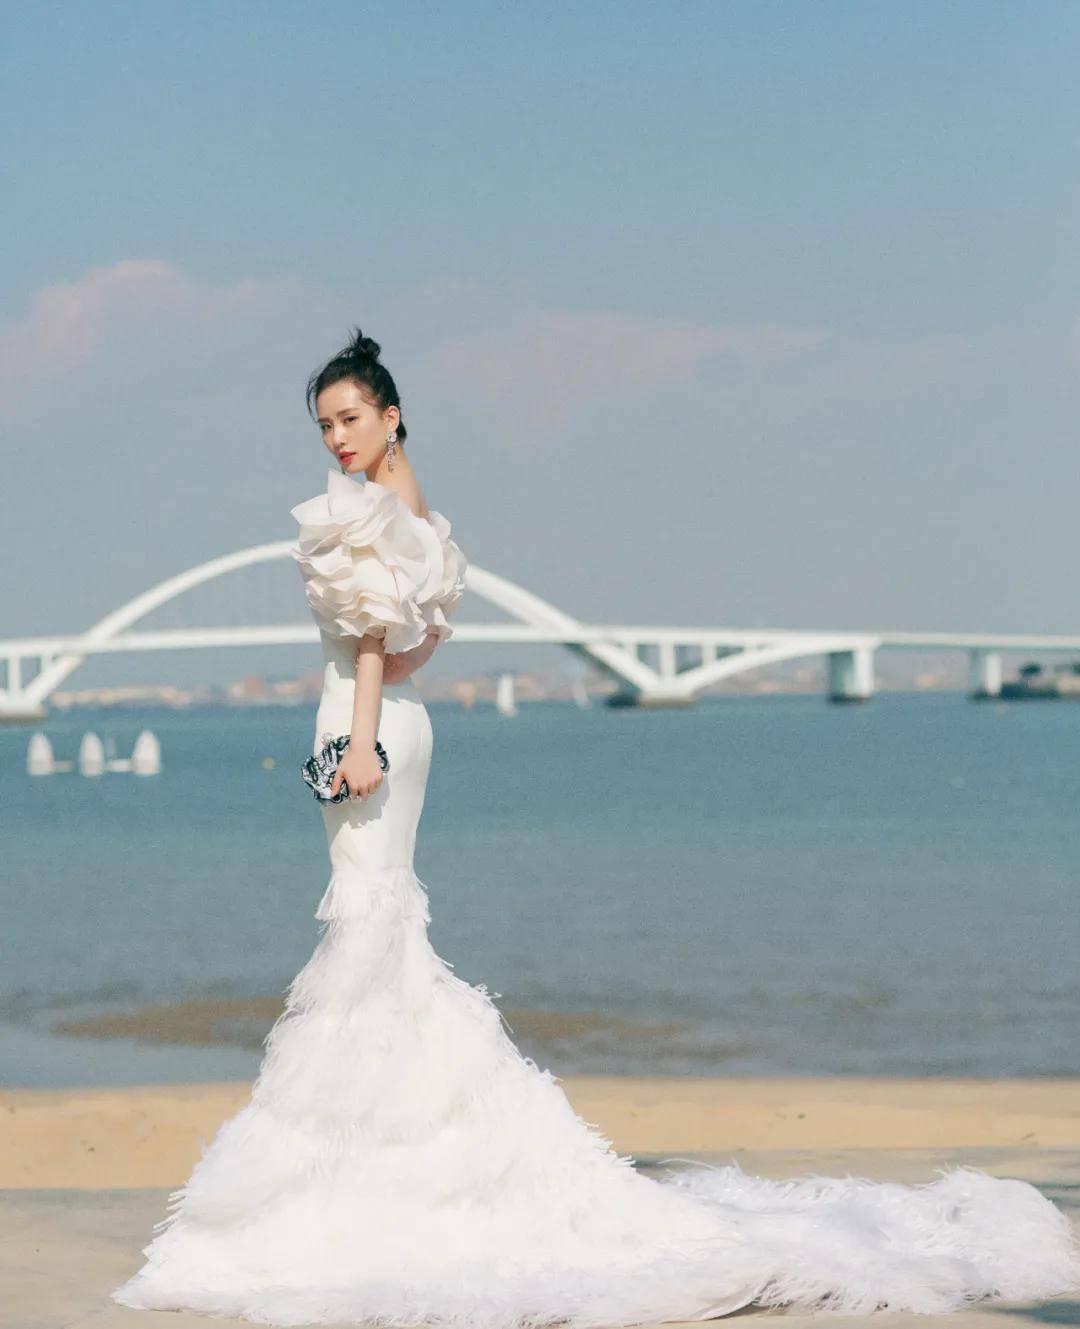 原创             女明星如何自带仙气?刘亦菲 倪妮 刘诗诗告诉你答案!